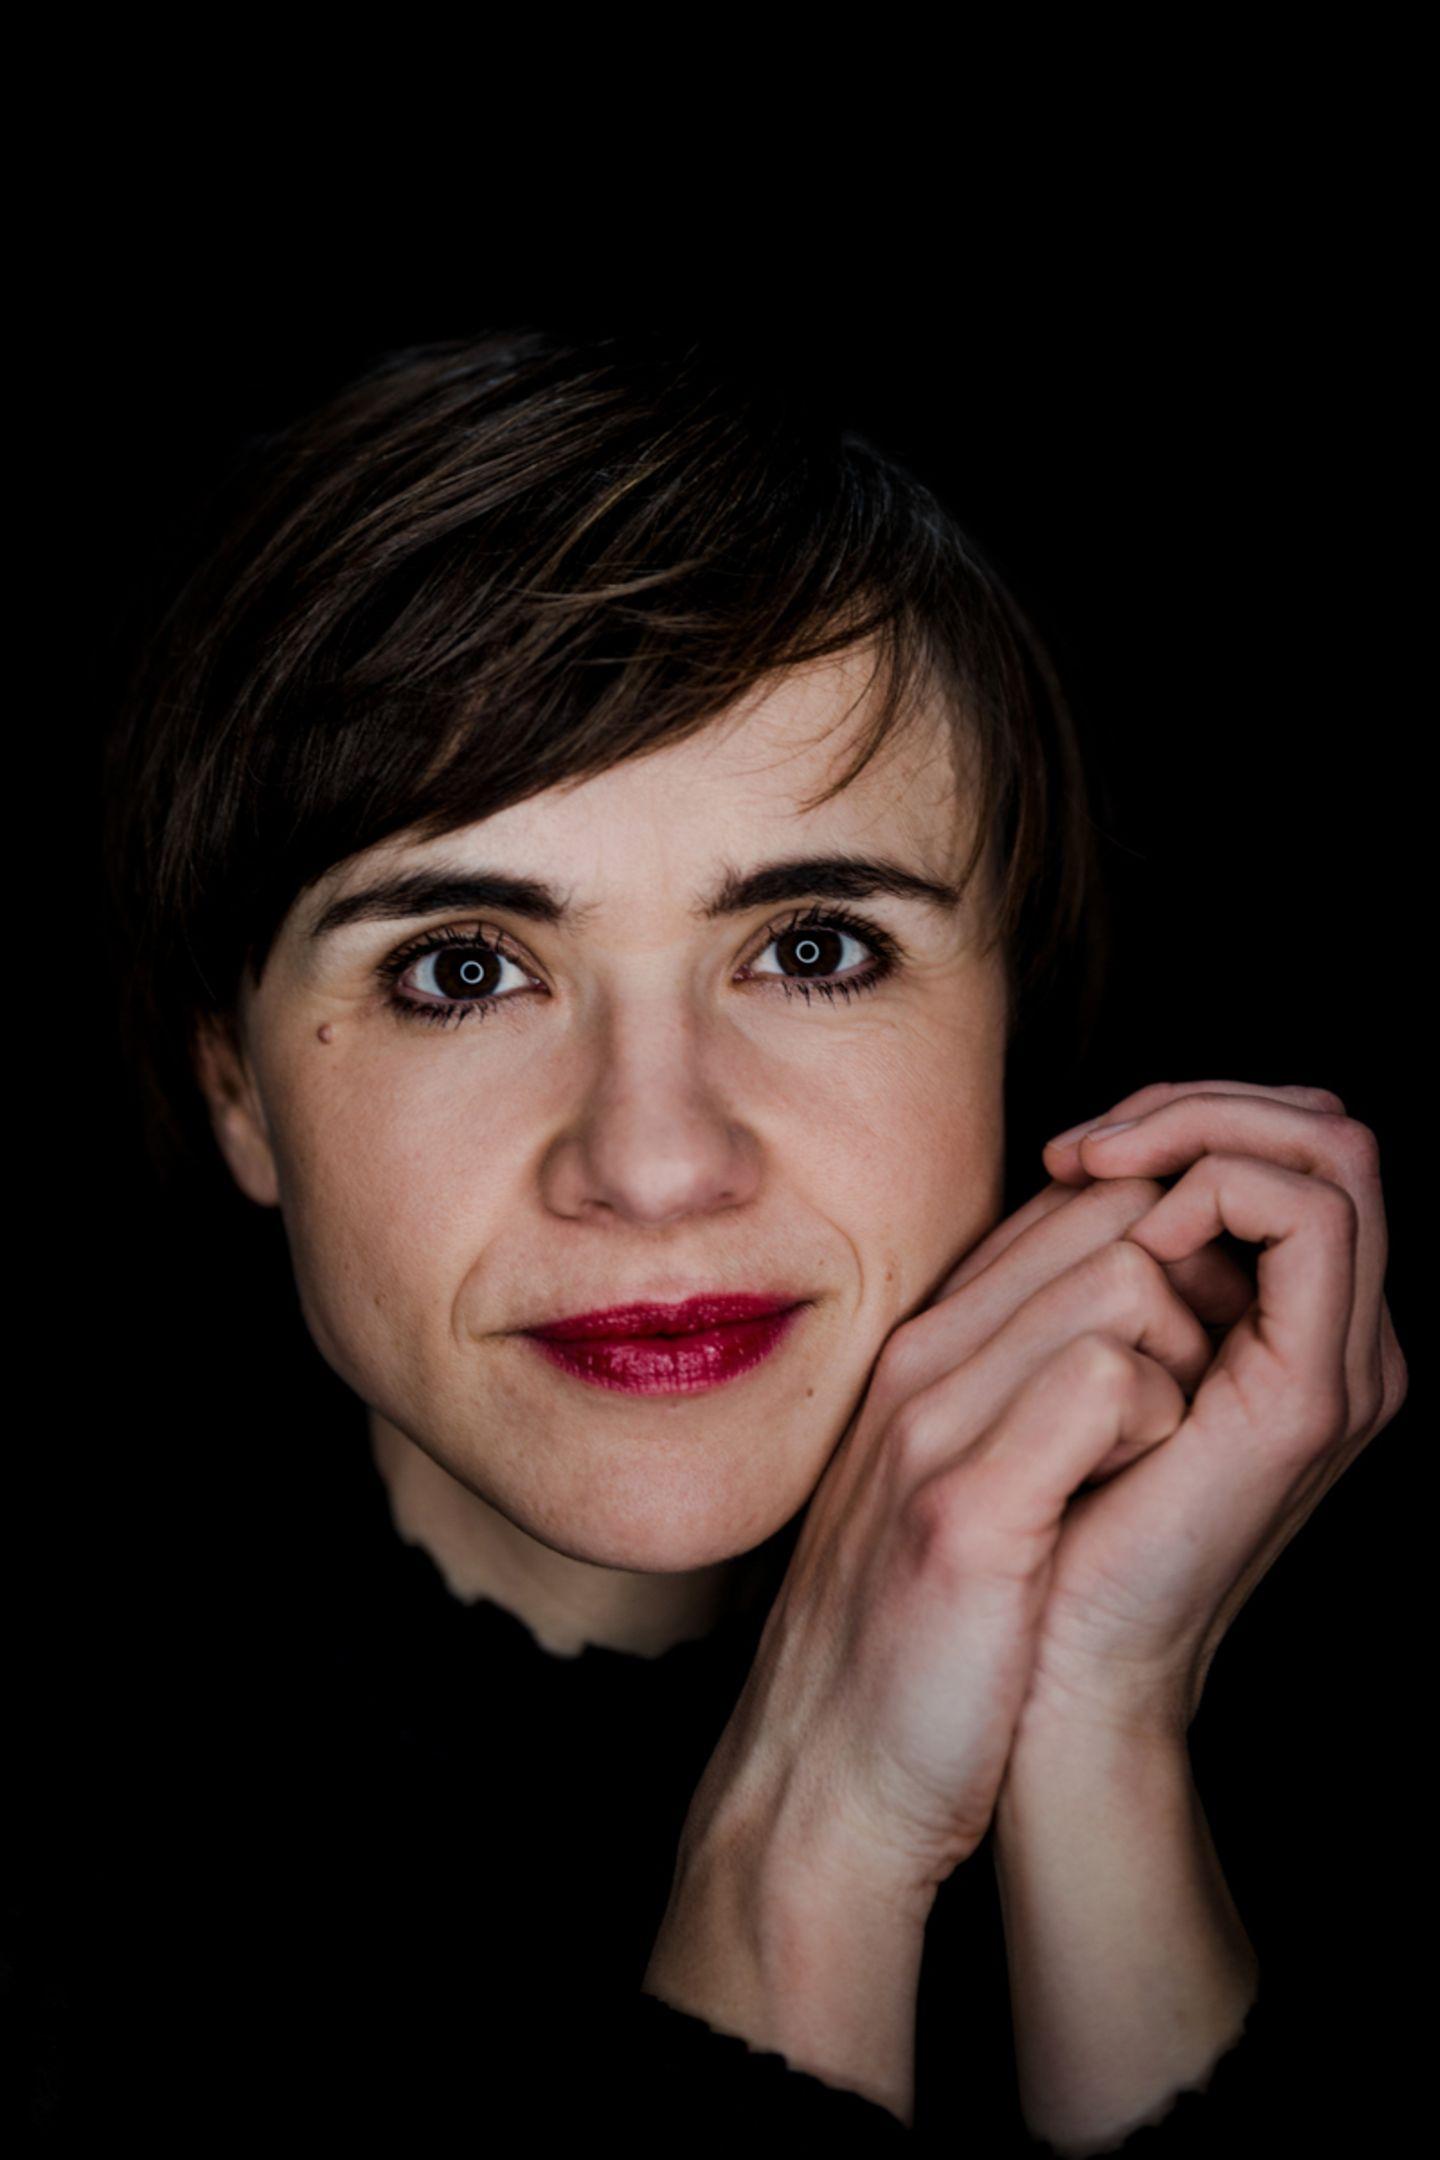 Abgeschminkt: Frau mit Make-up